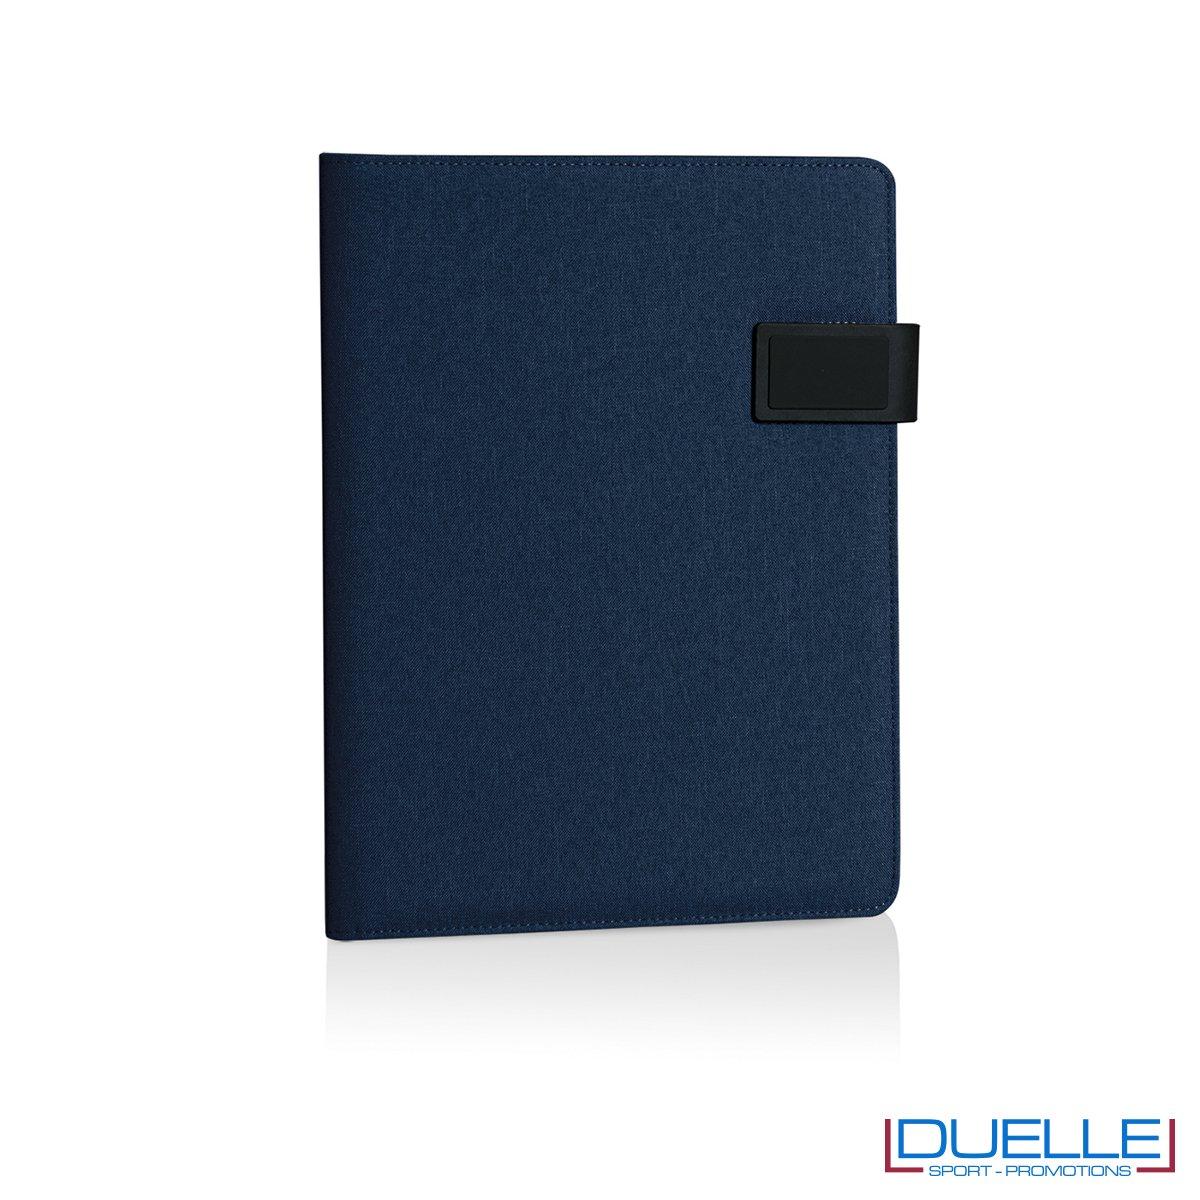 Porta documenti personalizzabile con multi tasche interne blu navy